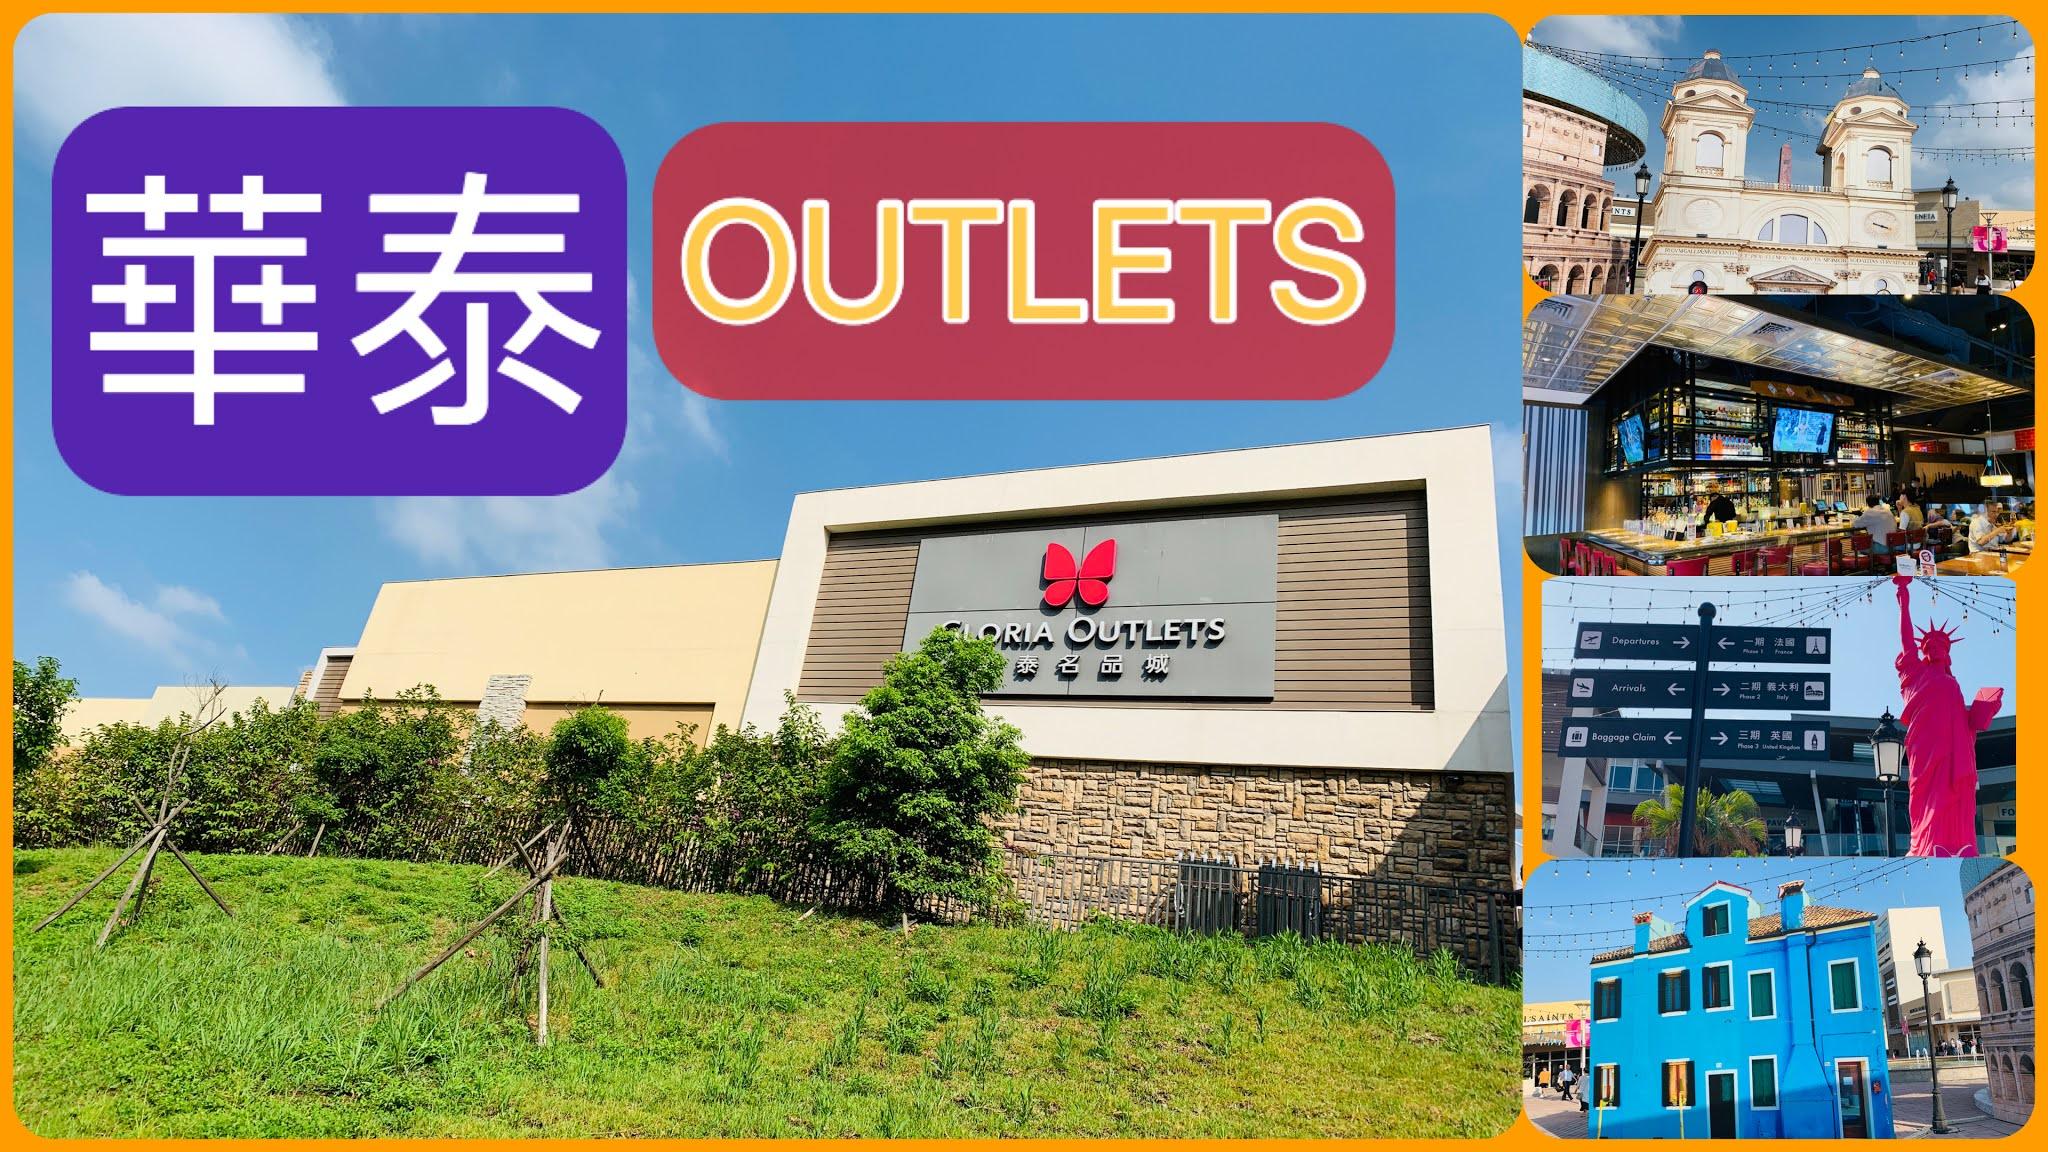 【華泰名品城】在Xpark水族館對面的華泰Outlets是臺灣第1家那麼大型的暢貨中心老闆很有堅持!快來買名牌折扣 ...